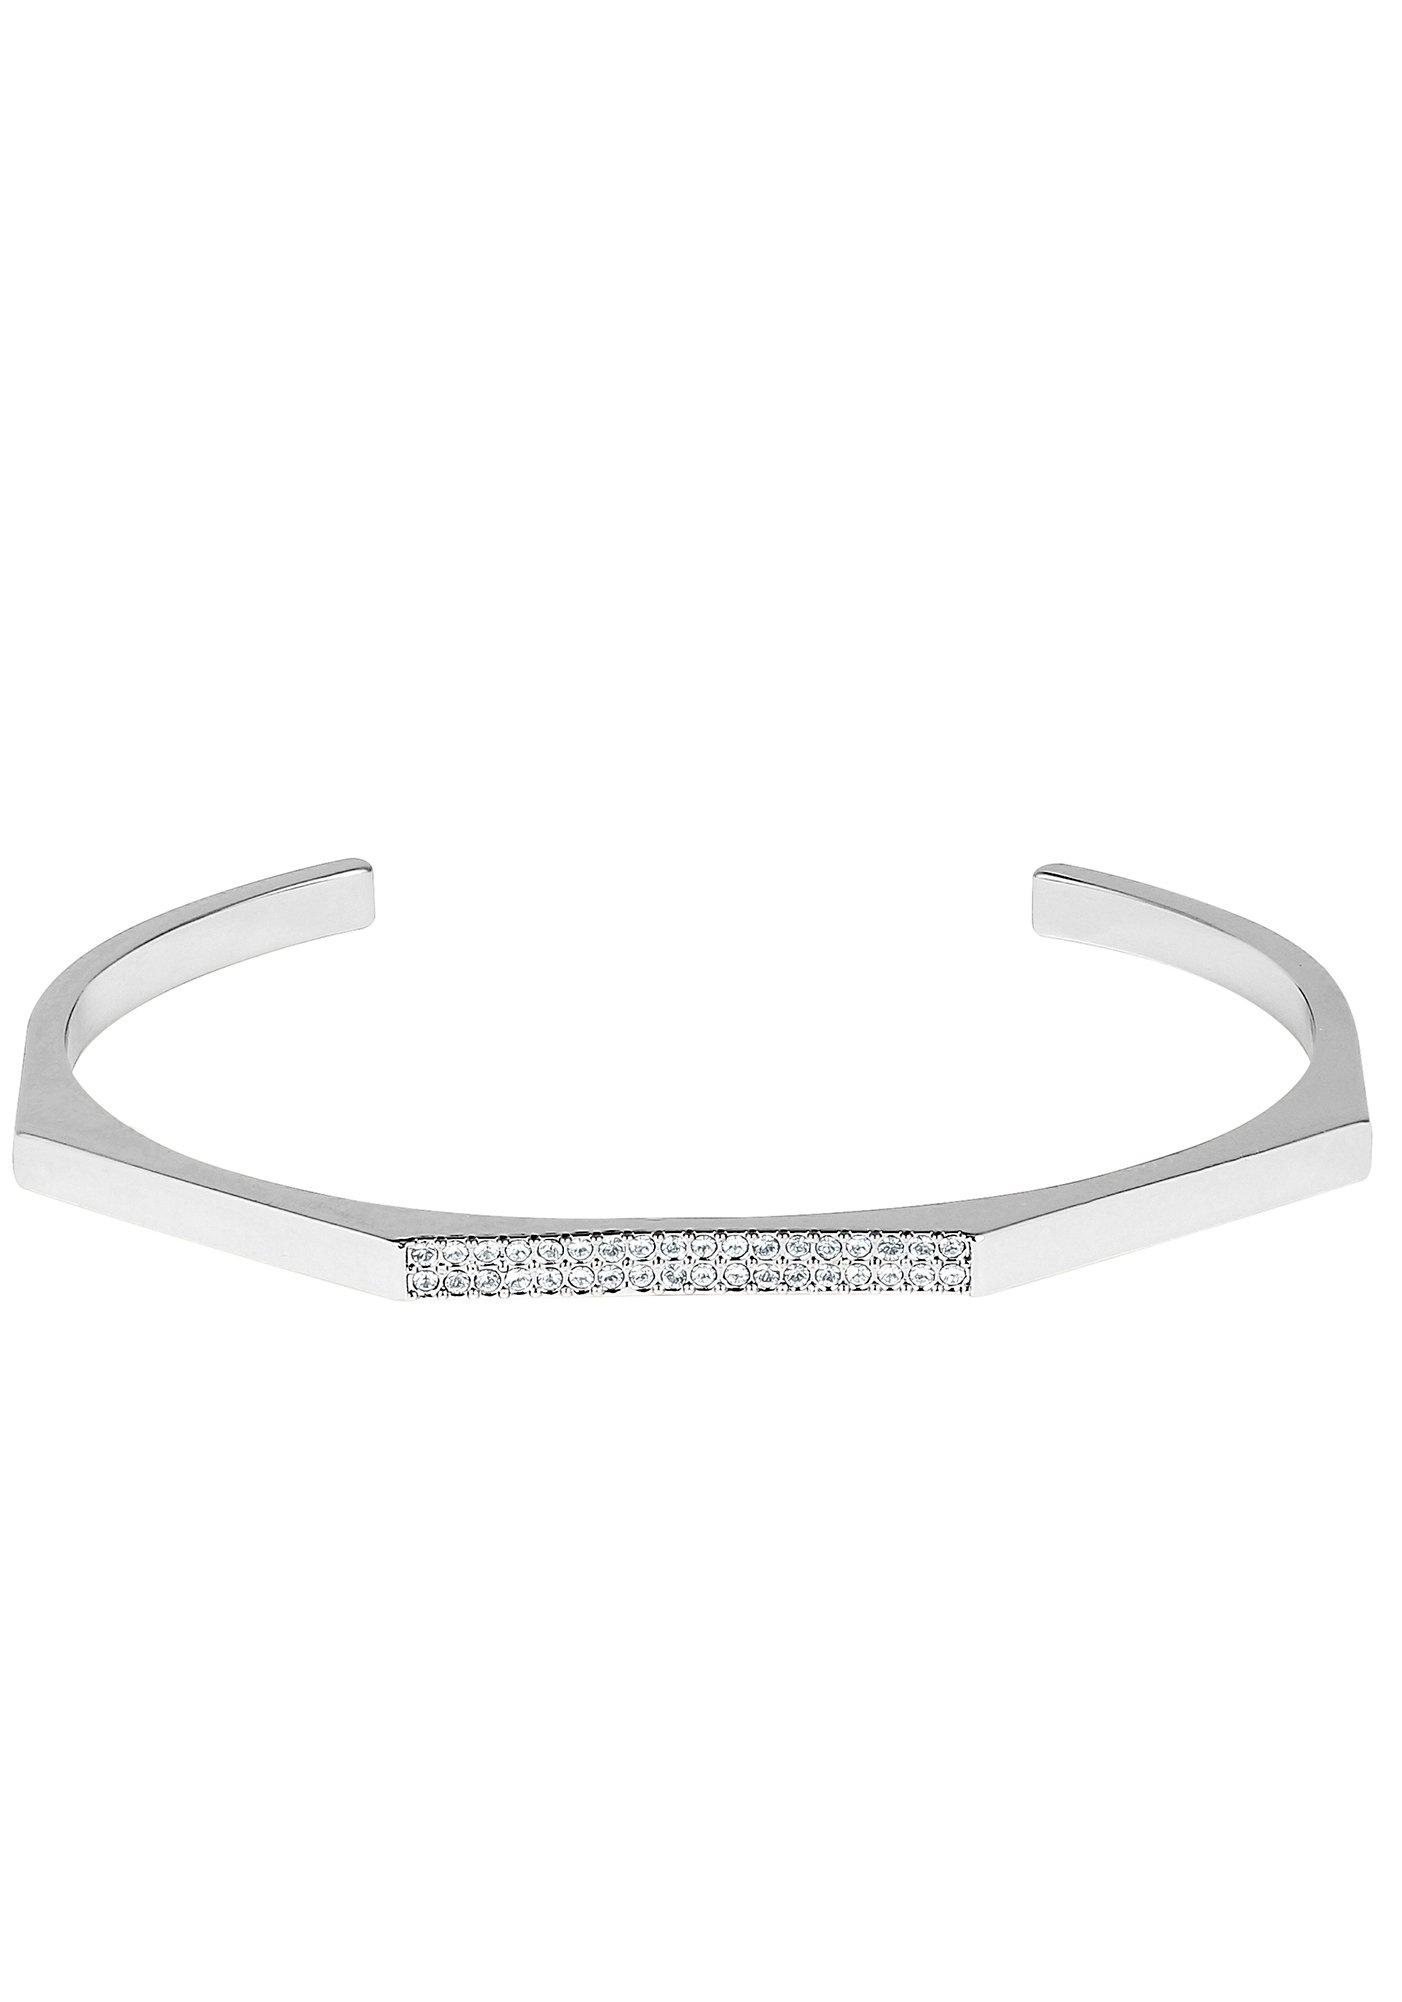 DKNY klemarmband New York Geometric Skinny Pave Cuff (RH), 5548738 met swarovski®-kristallen - verschillende betaalmethodes